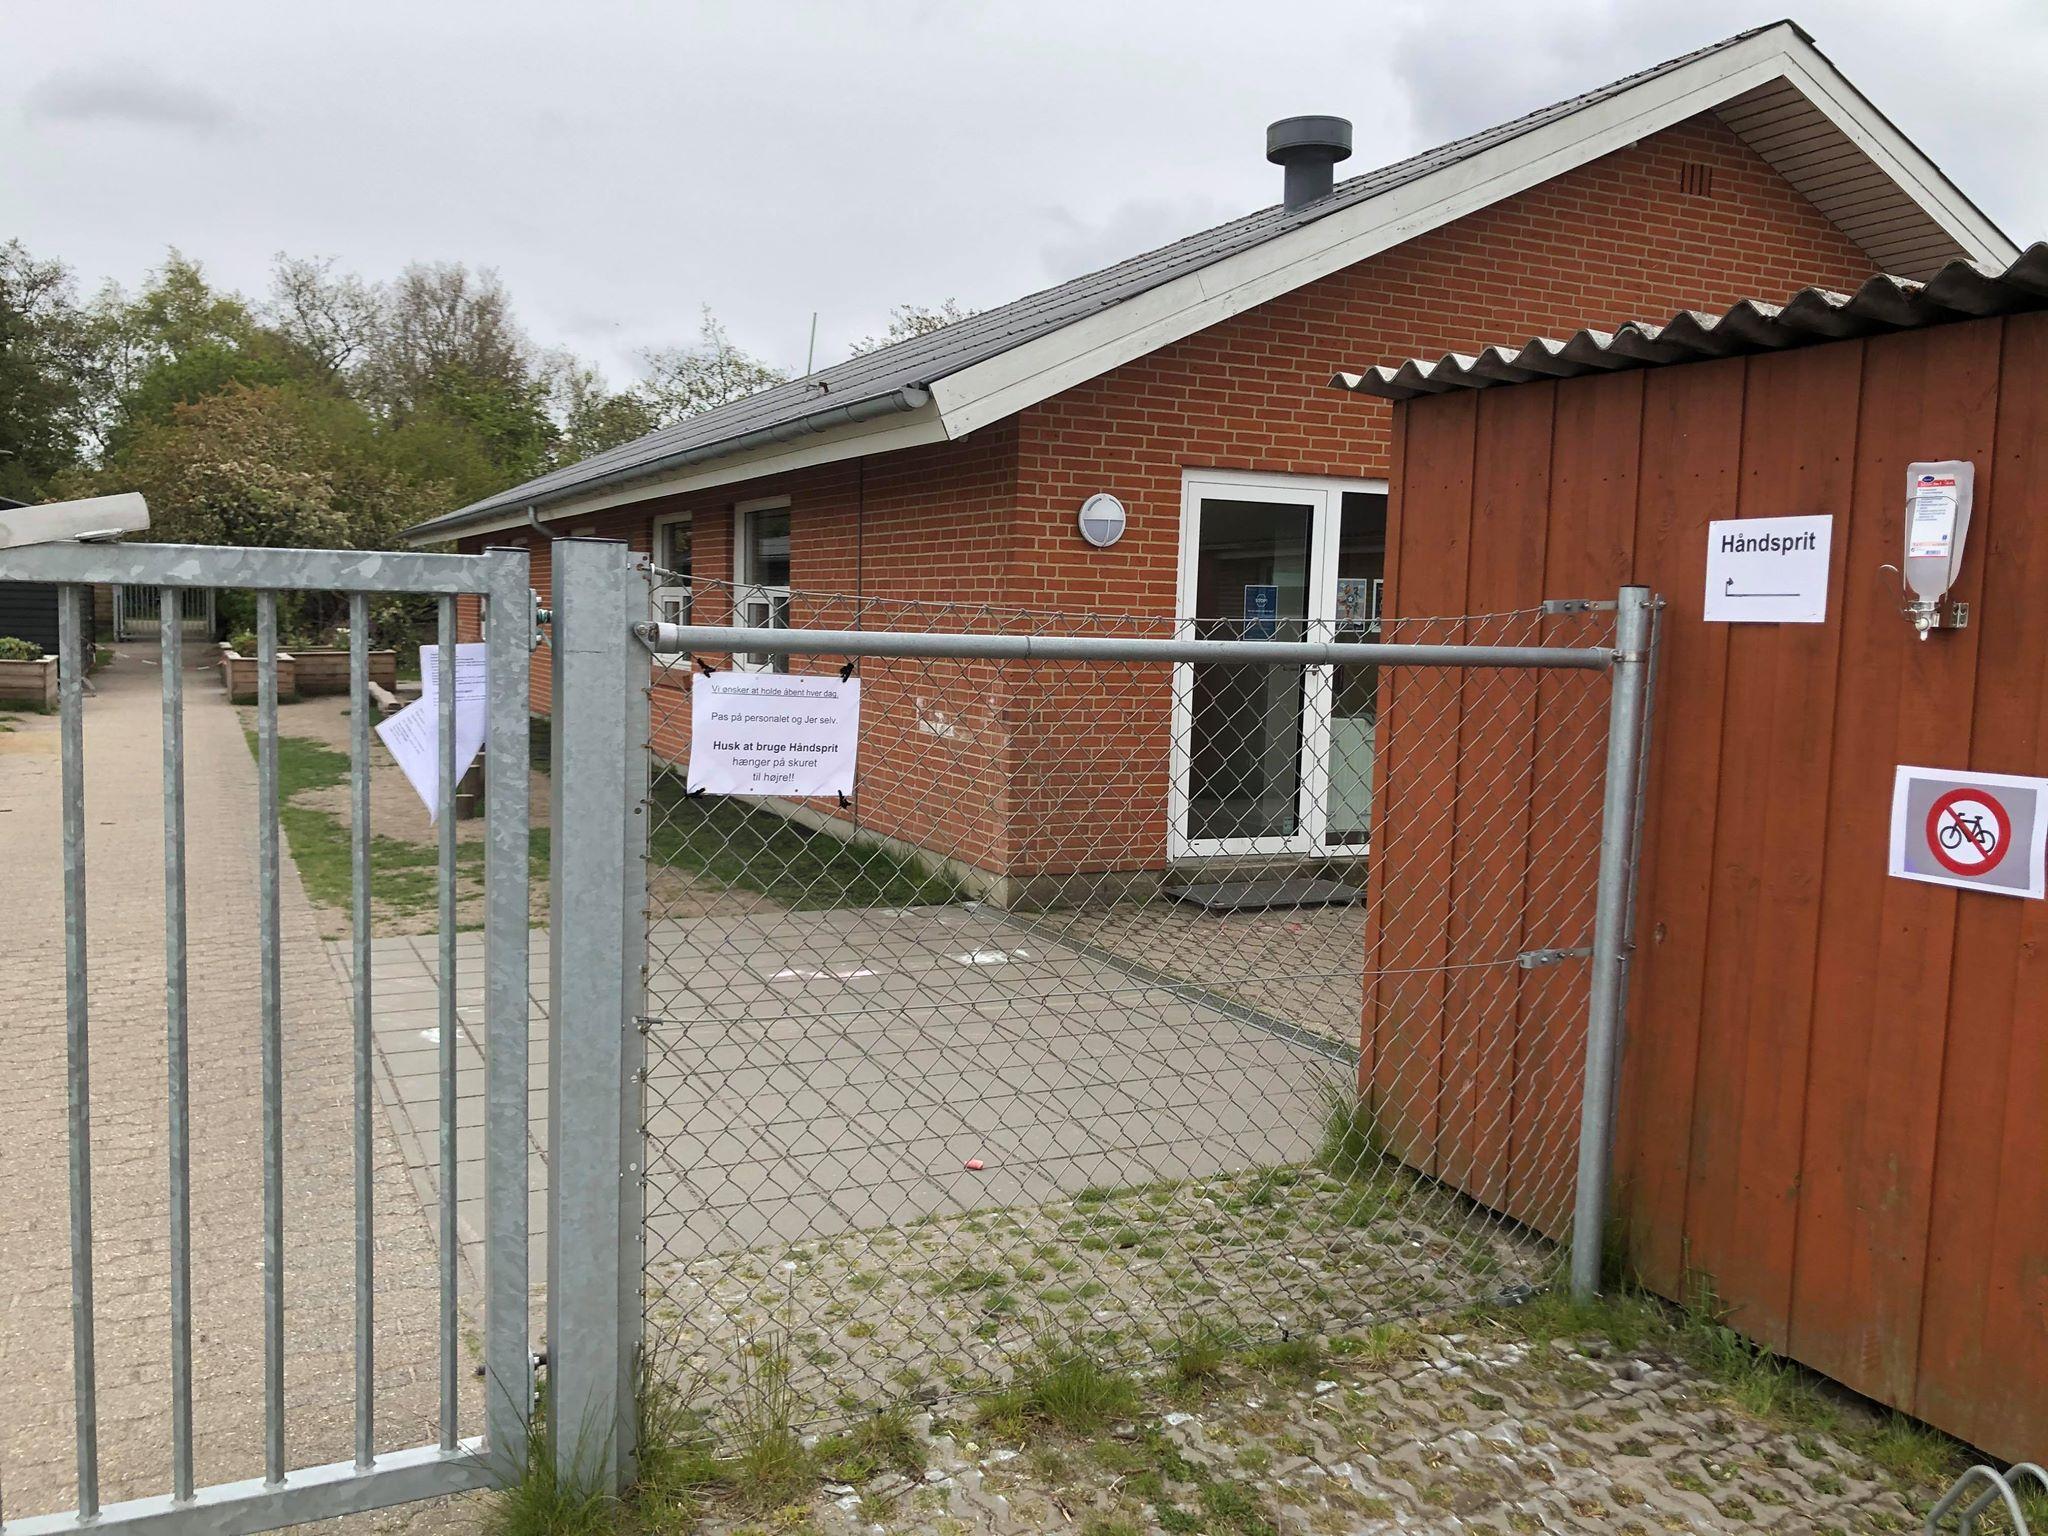 Dezinfekcia pred vstupom do areálu škôlky. / Zdroj: archív BB